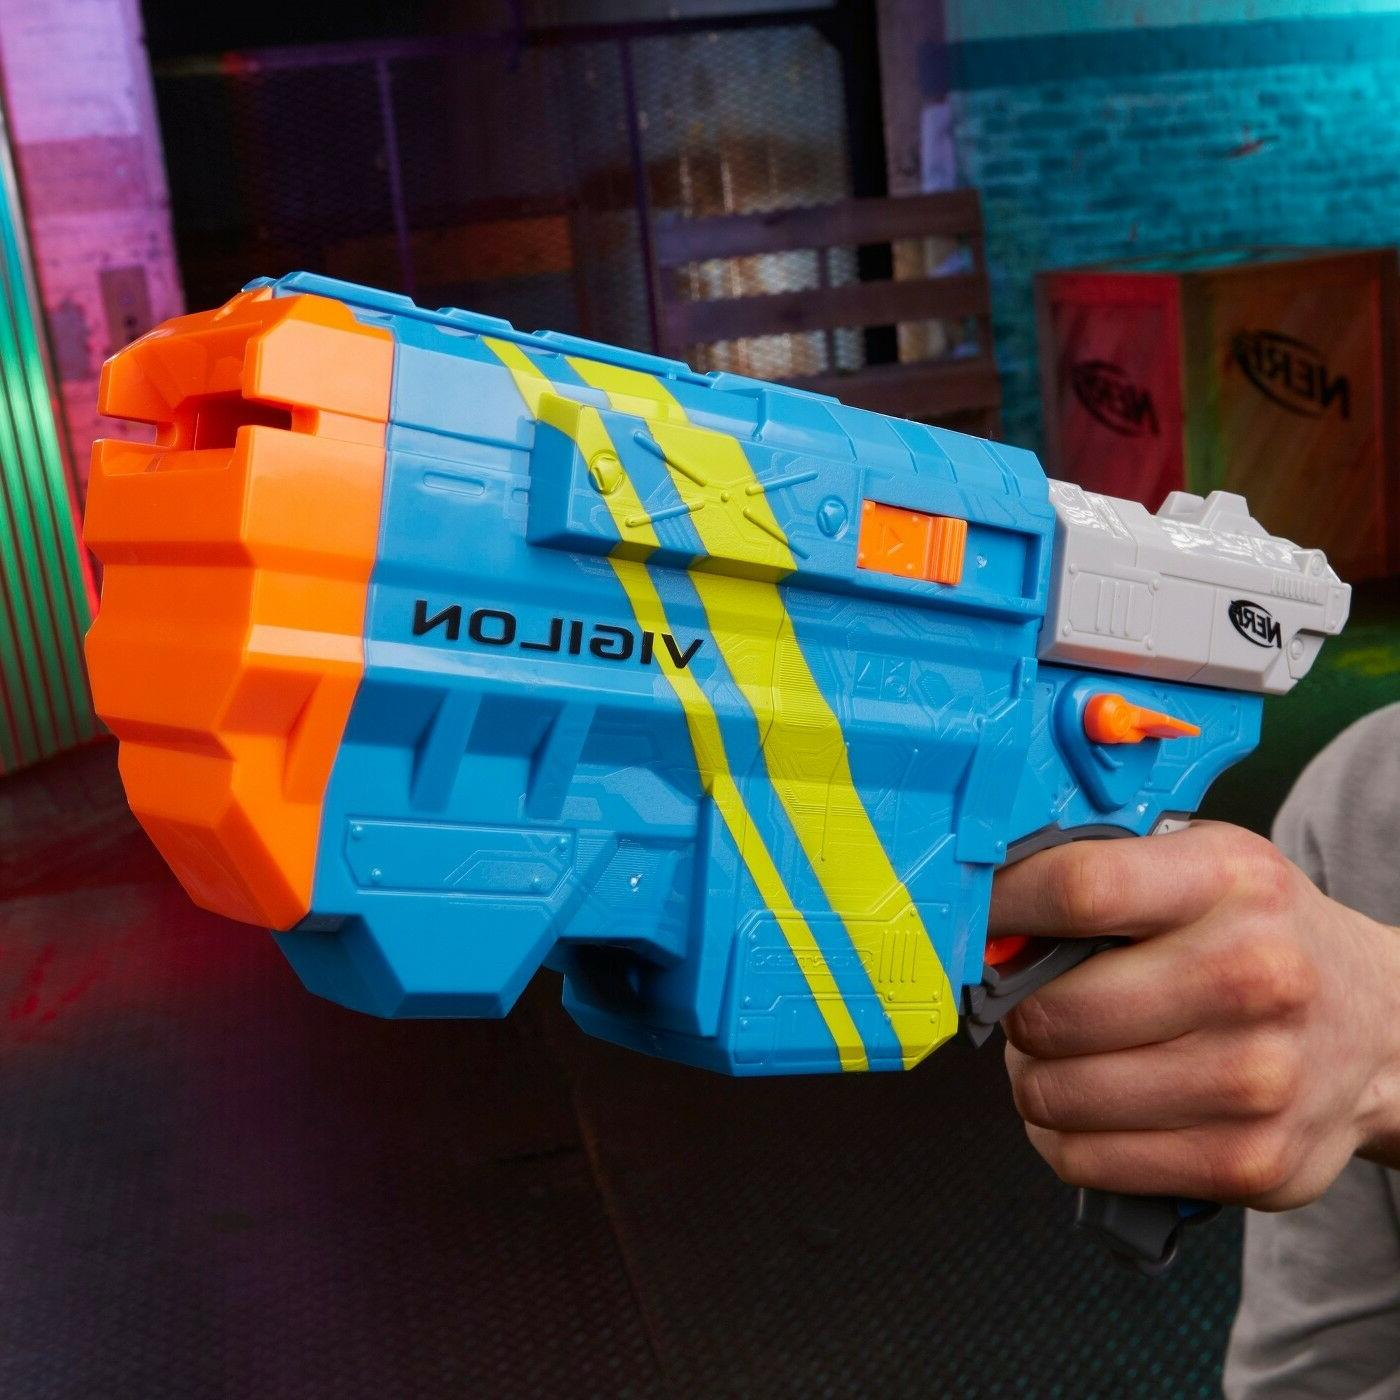 NEW VIGILON Blaster *10 Included